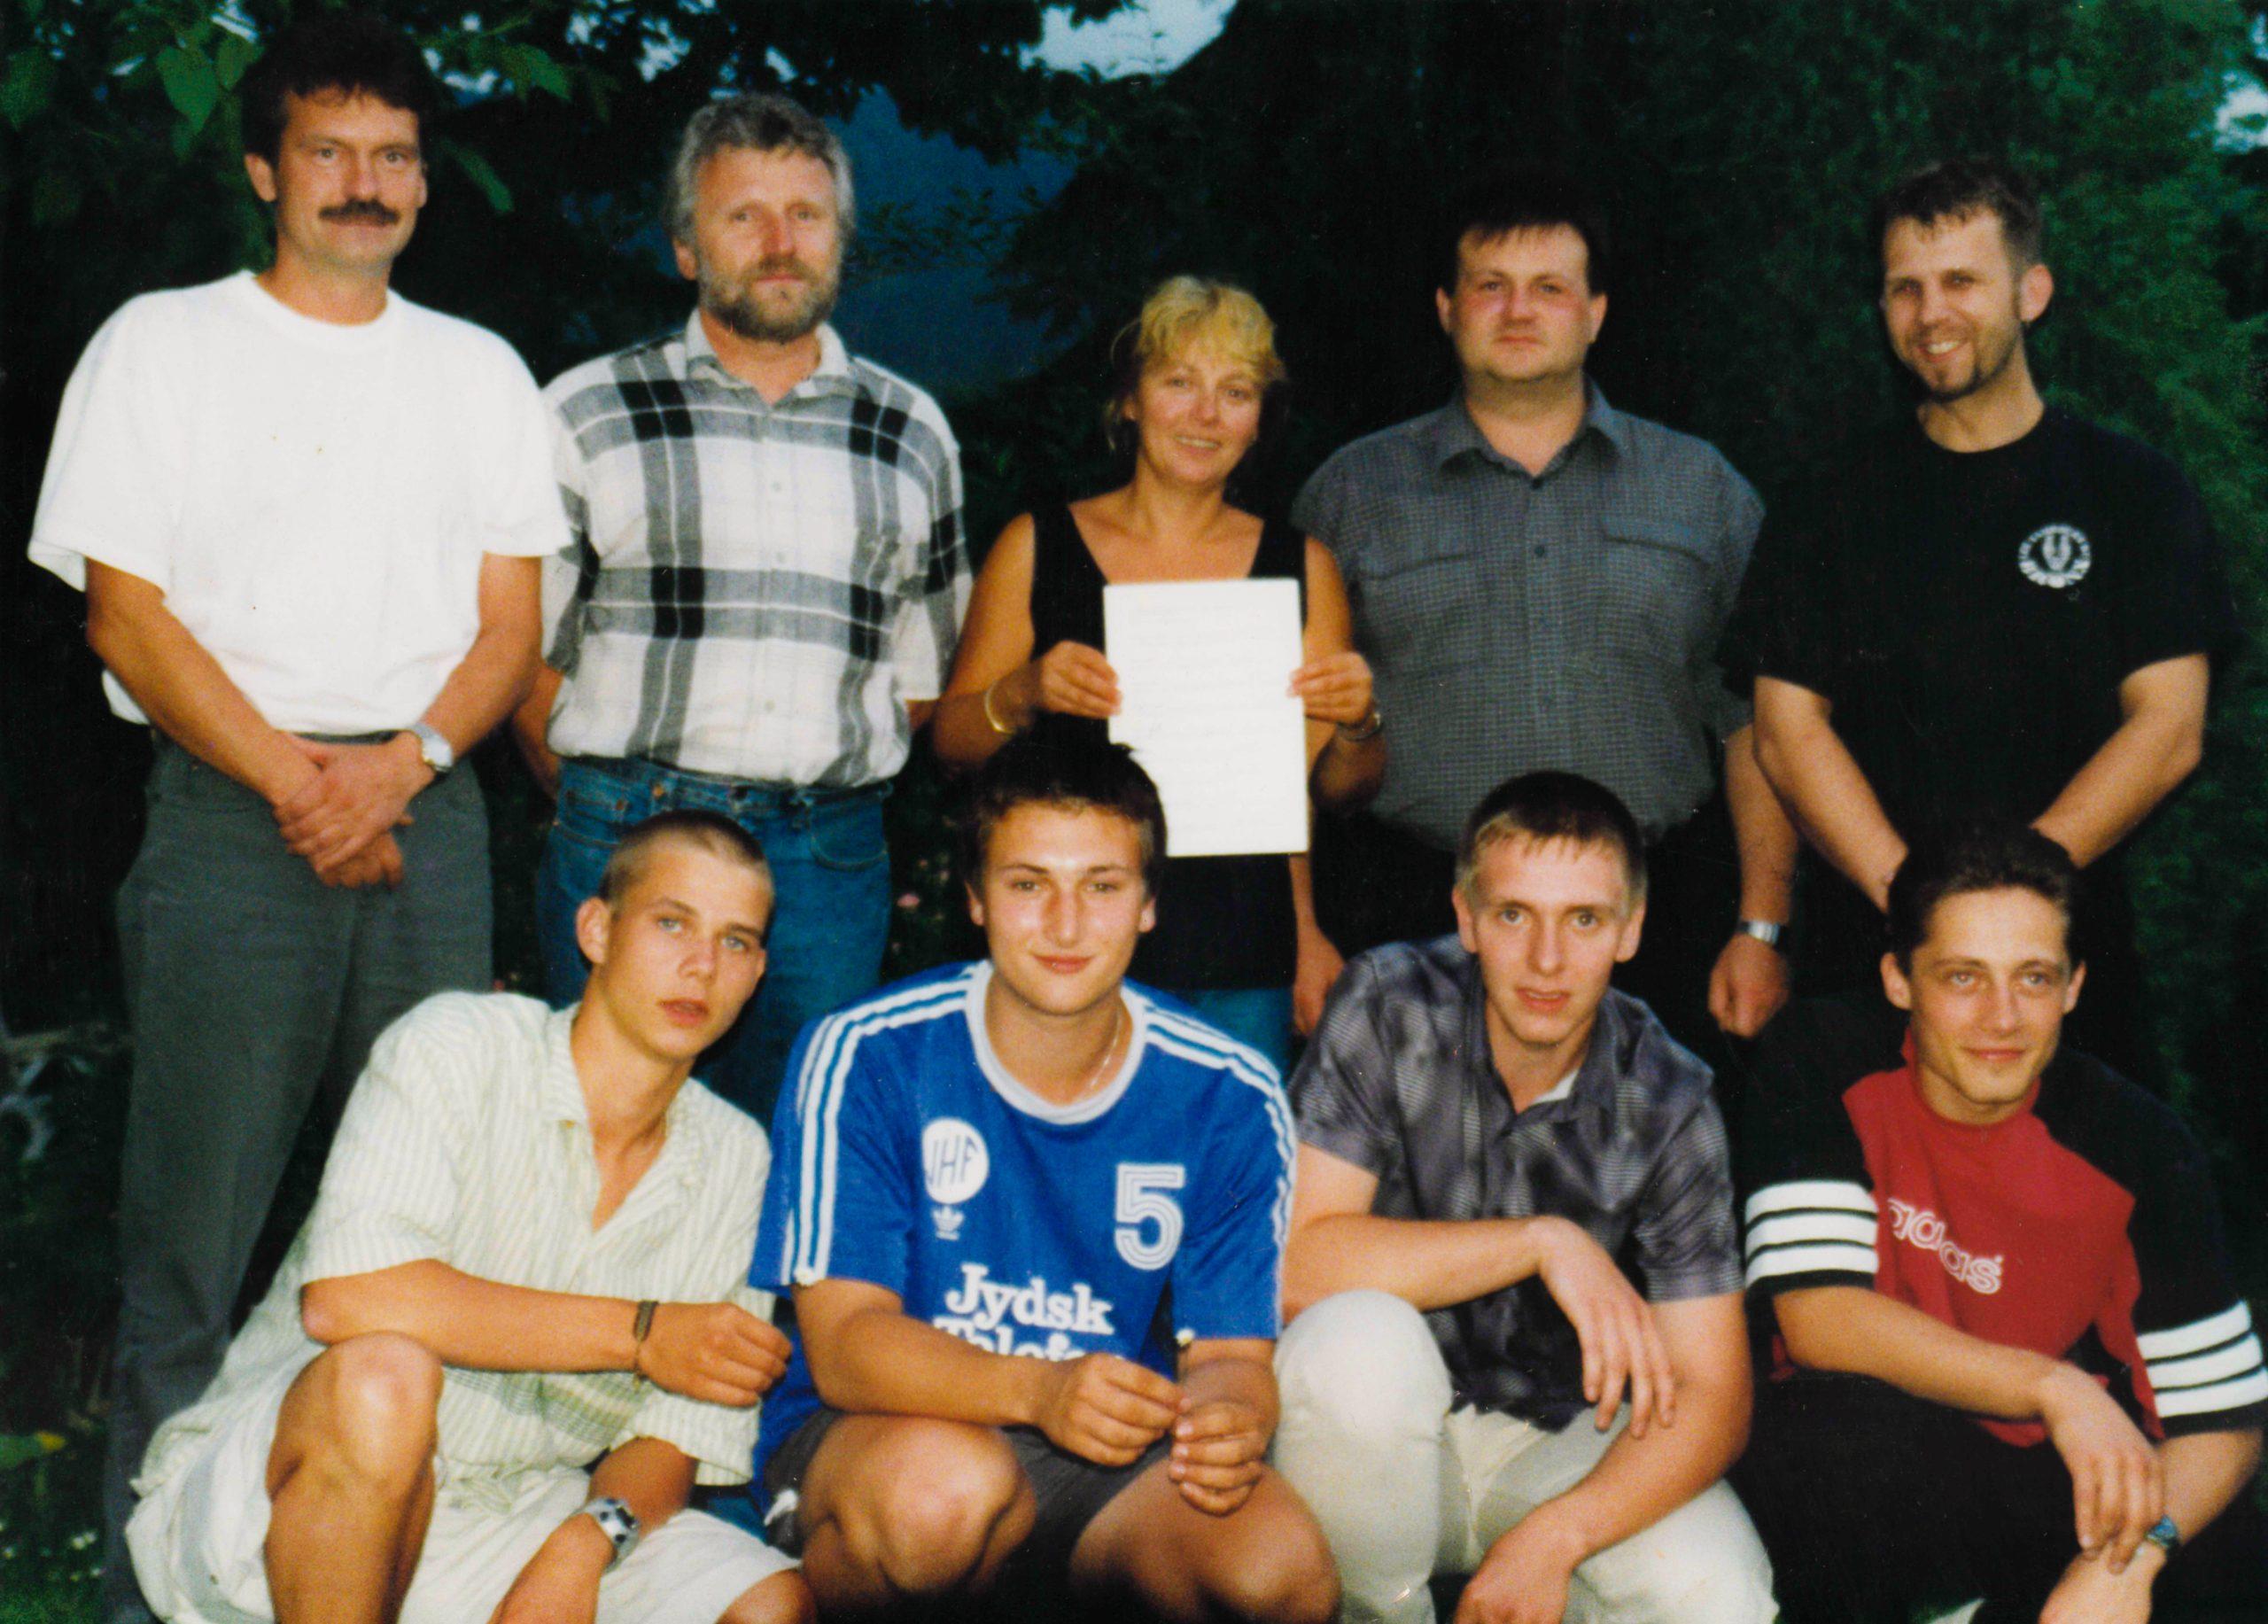 Die Gründungsmitglieder des PKC Ehrenräte e.V.